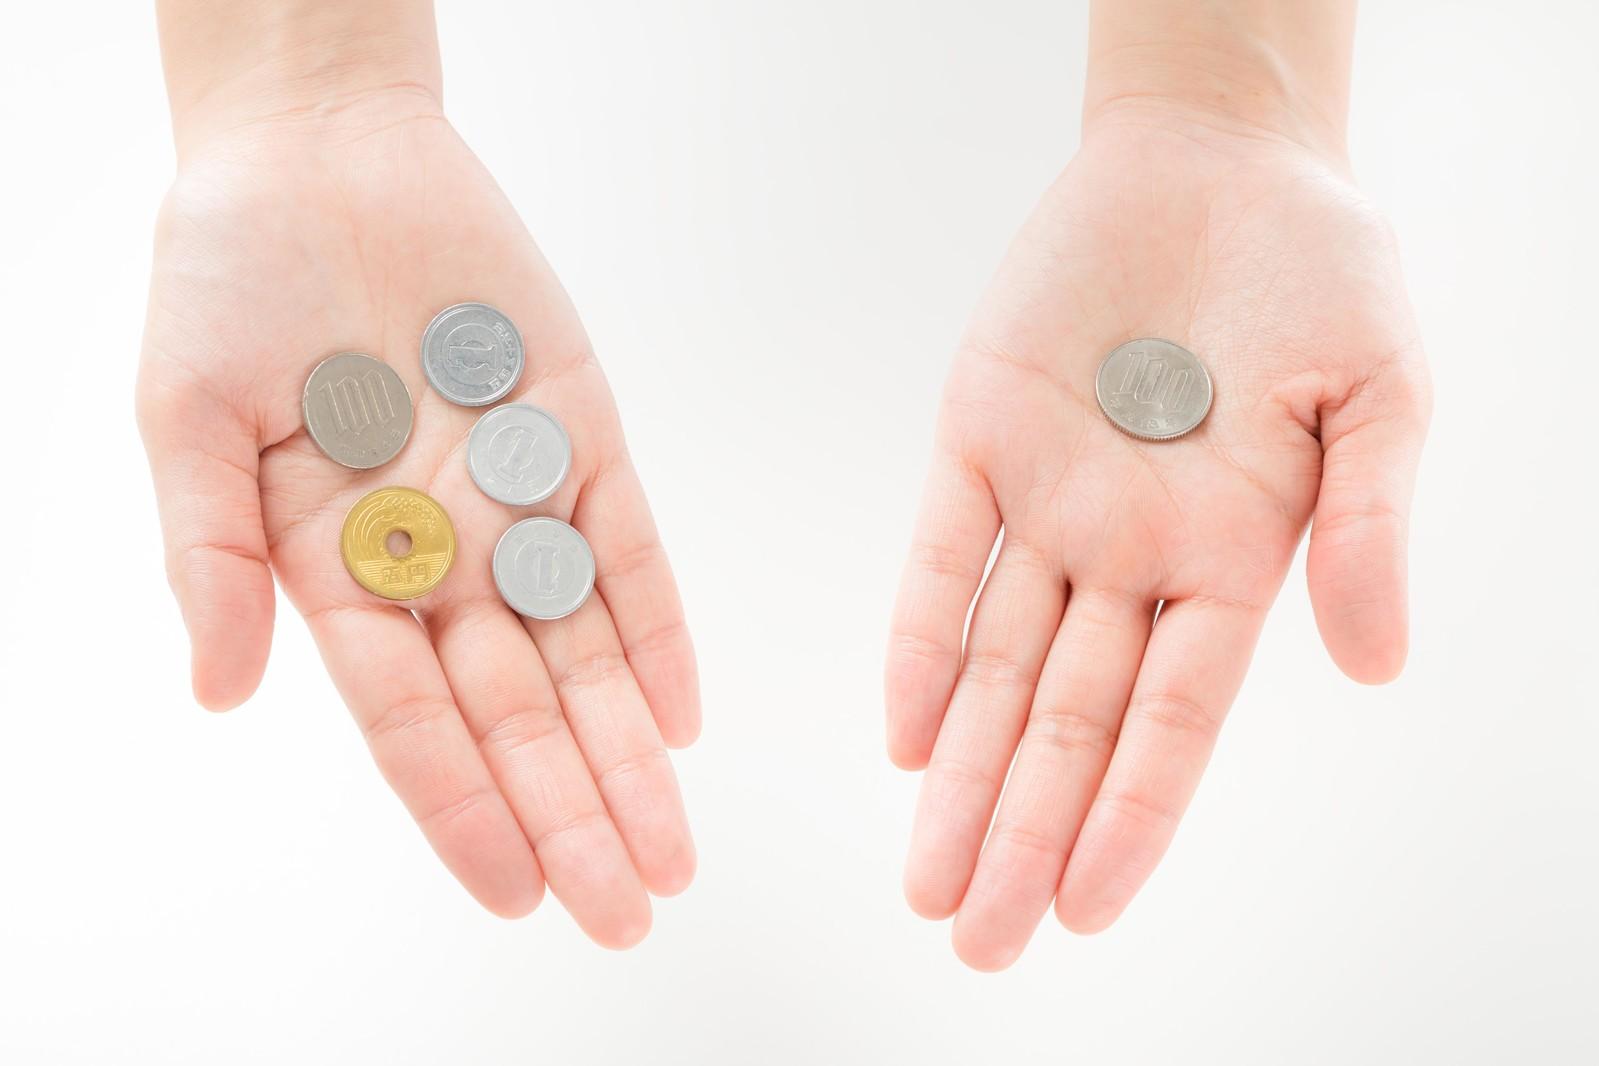 給料は少ないし上がらがない。年収アップの為には転職が必要。